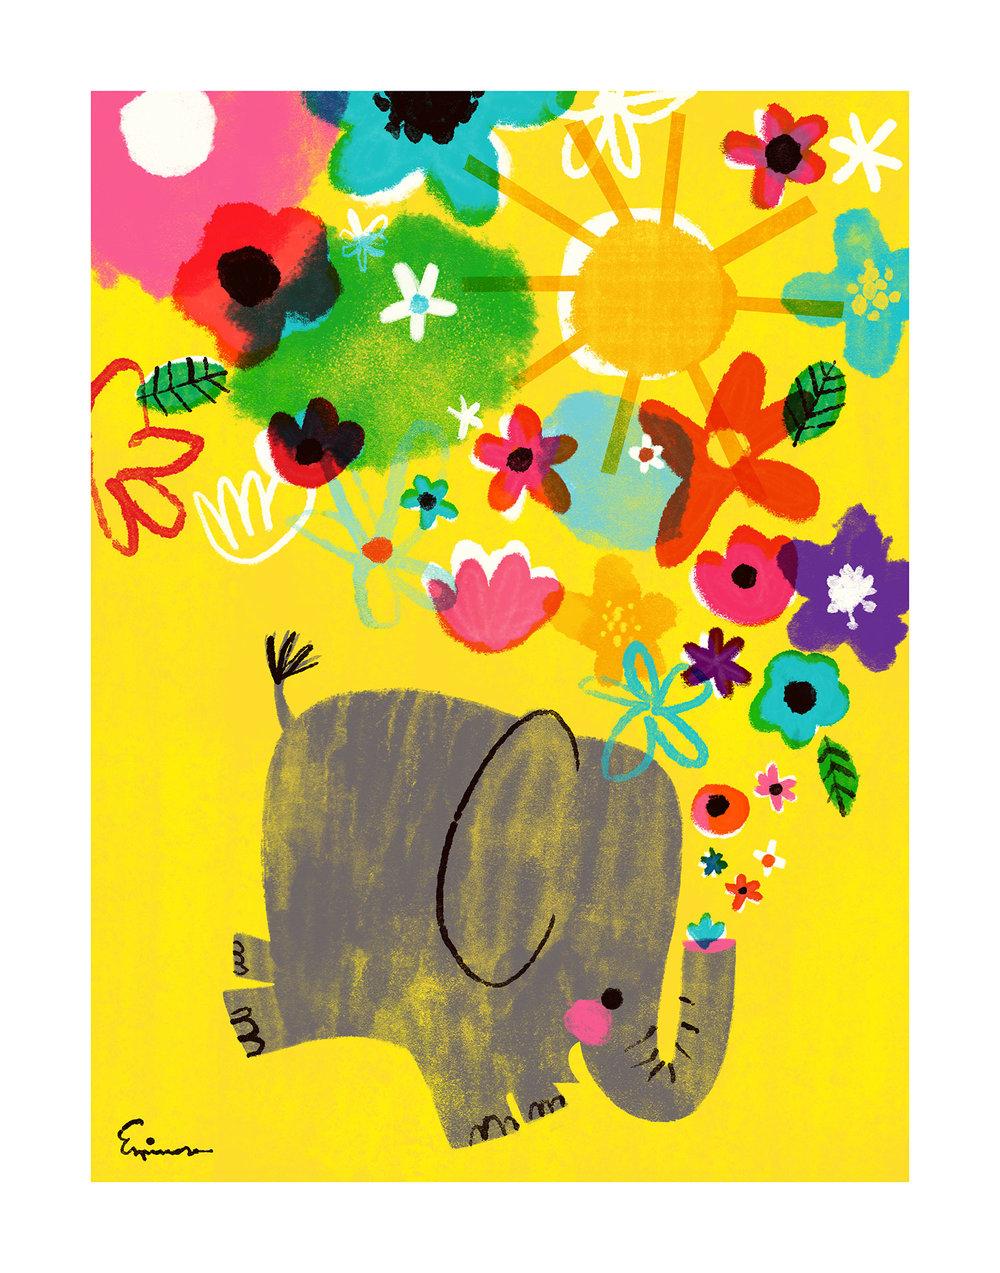 'Joy Inside' by Leo Espinosa